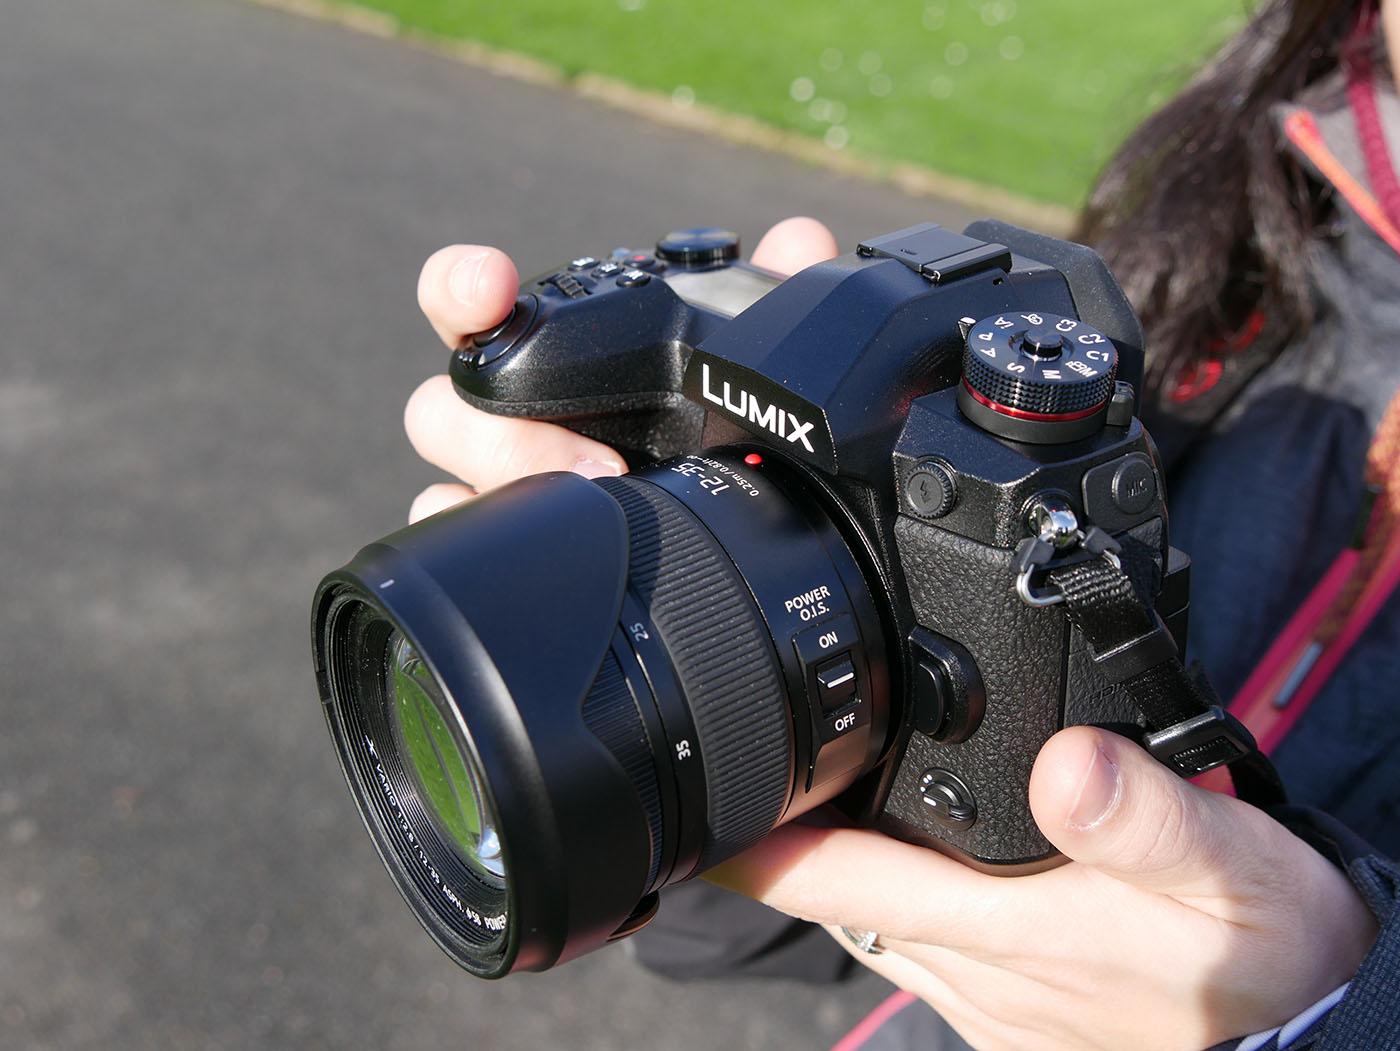 Lumix g9 panasonic test et avis terrain partons en voyage for Changer ecran appareil photo lumix